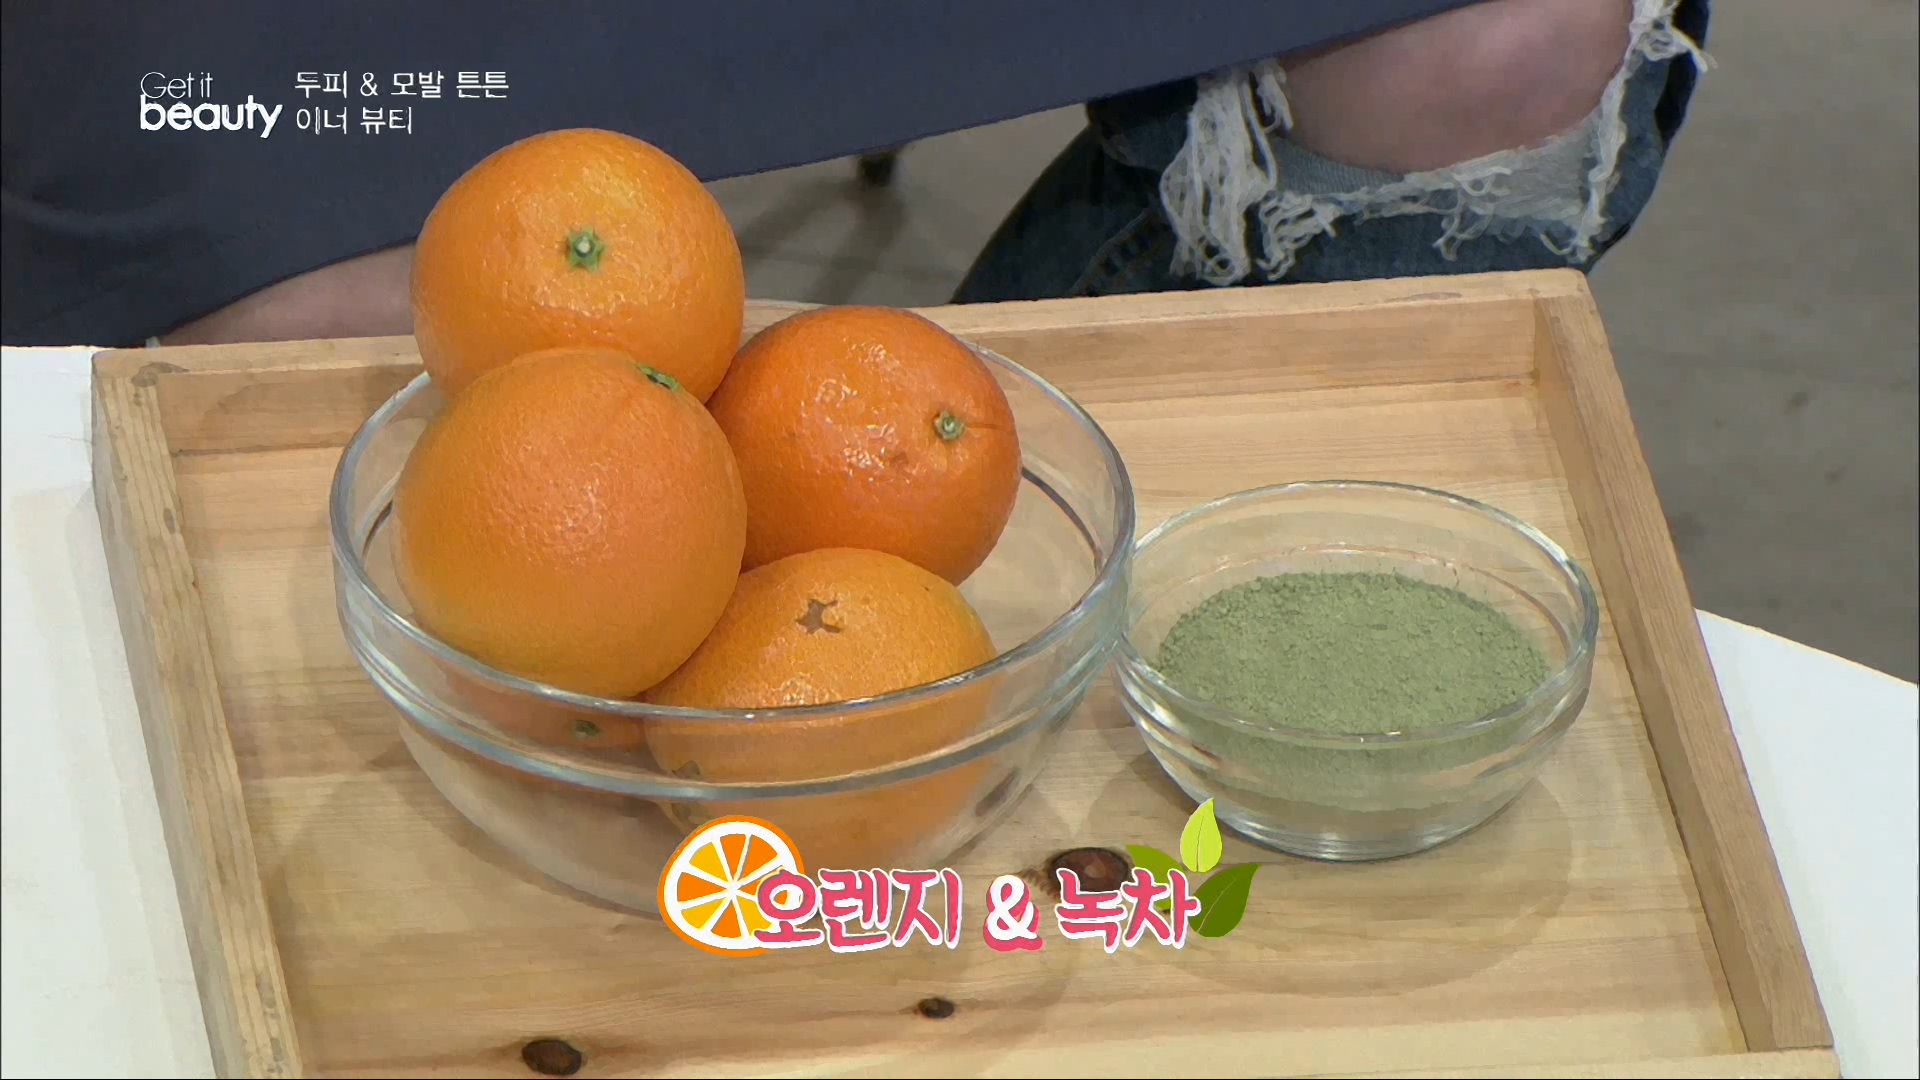 다음은 두피건강에 좋은 오렌지와 녹차예요